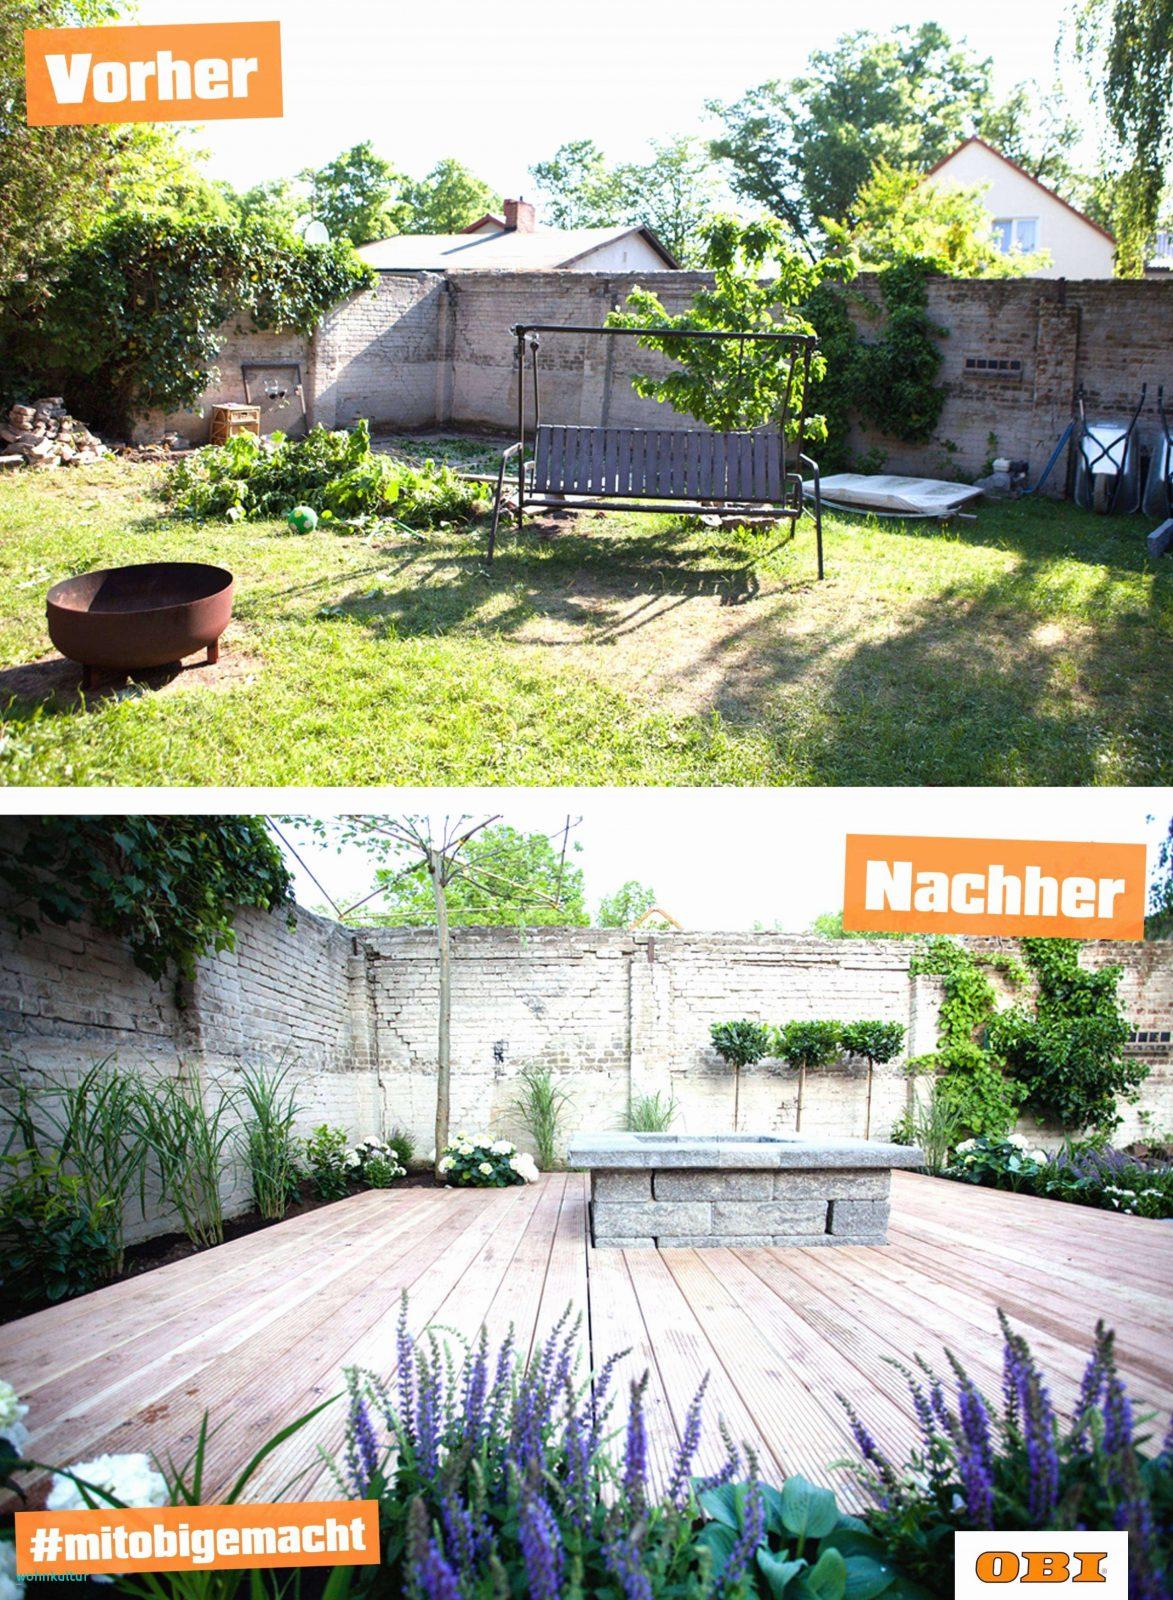 31 Das Beste Von Feuerstelle Im Garten Gestalten Für Ideen Sitzplatz von Sitzplatz Im Garten Gestalten Bild